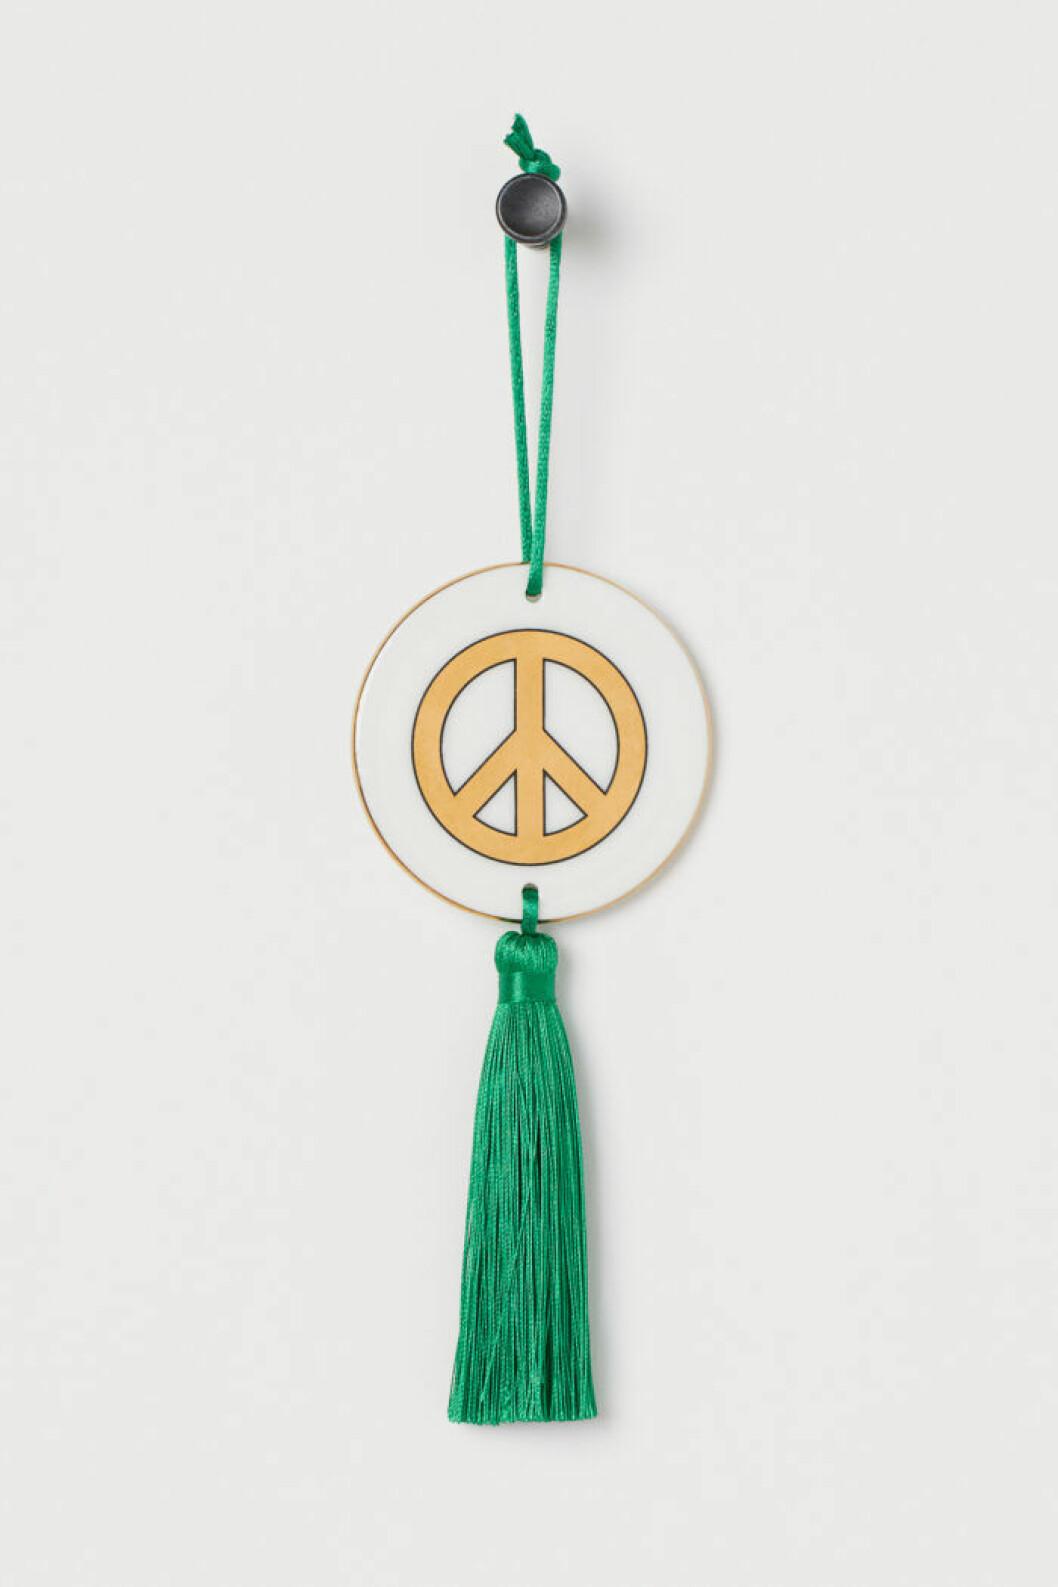 Inredningsdetalj med peacemärke och grön tofs